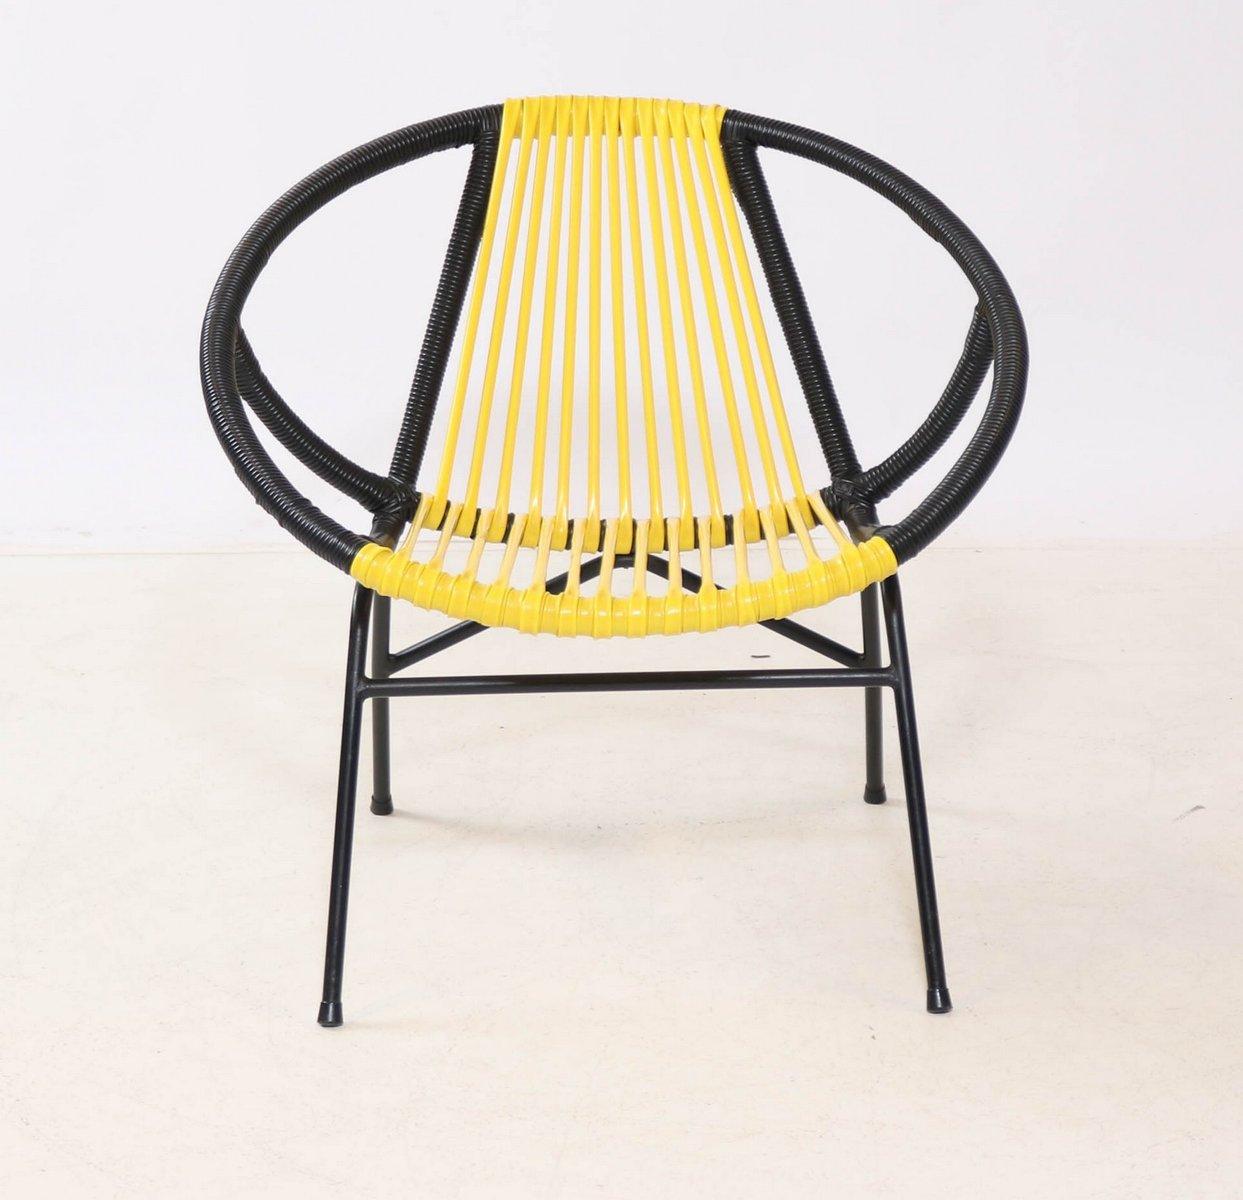 fauteuil vintage jaune and noir en vente sur pamono. Black Bedroom Furniture Sets. Home Design Ideas